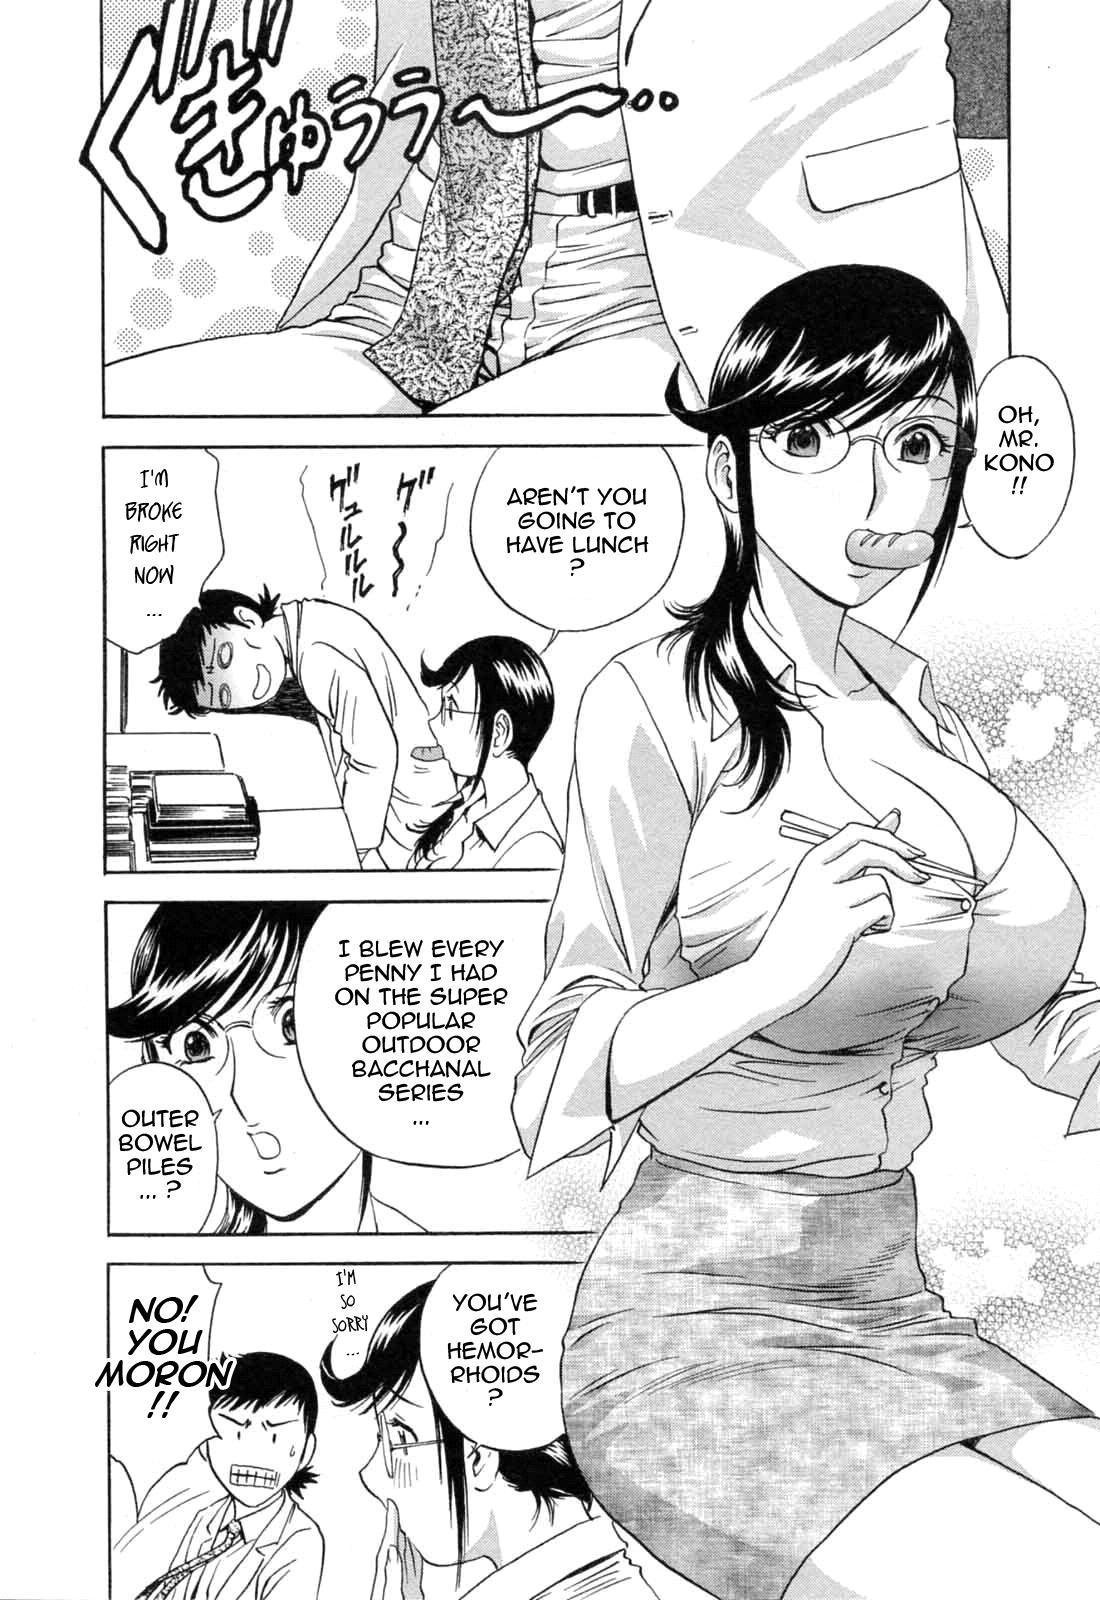 [Hidemaru] Mo-Retsu! Boin Sensei (Boing Boing Teacher) Vol.5 [English] [4dawgz] [Tadanohito] 73